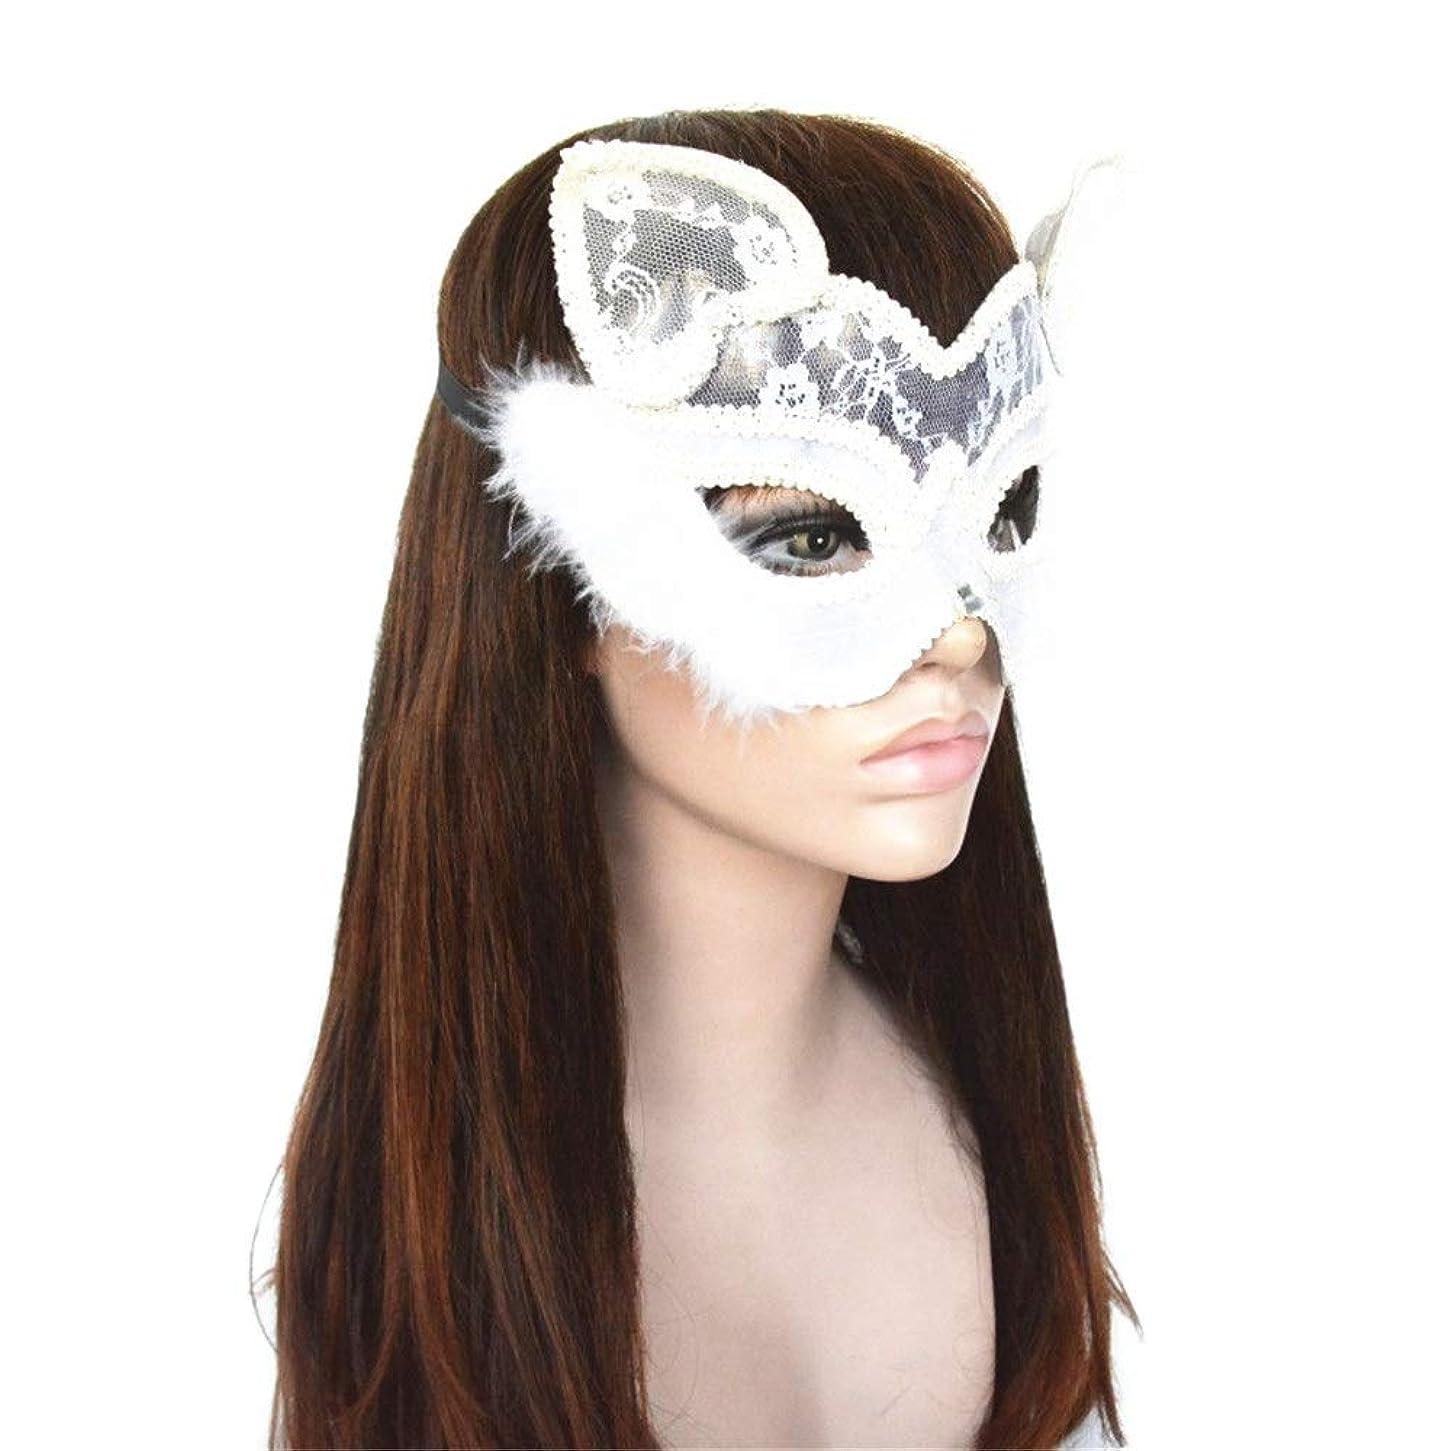 業界フィードバック乞食ダンスマスク レース楽しい女性動物猫顔ポリ塩化ビニールハロウィンマスククリスマス製品コスプレナイトクラブパーティーマスク ホリデーパーティー用品 (色 : 白, サイズ : 19x15.5cm)